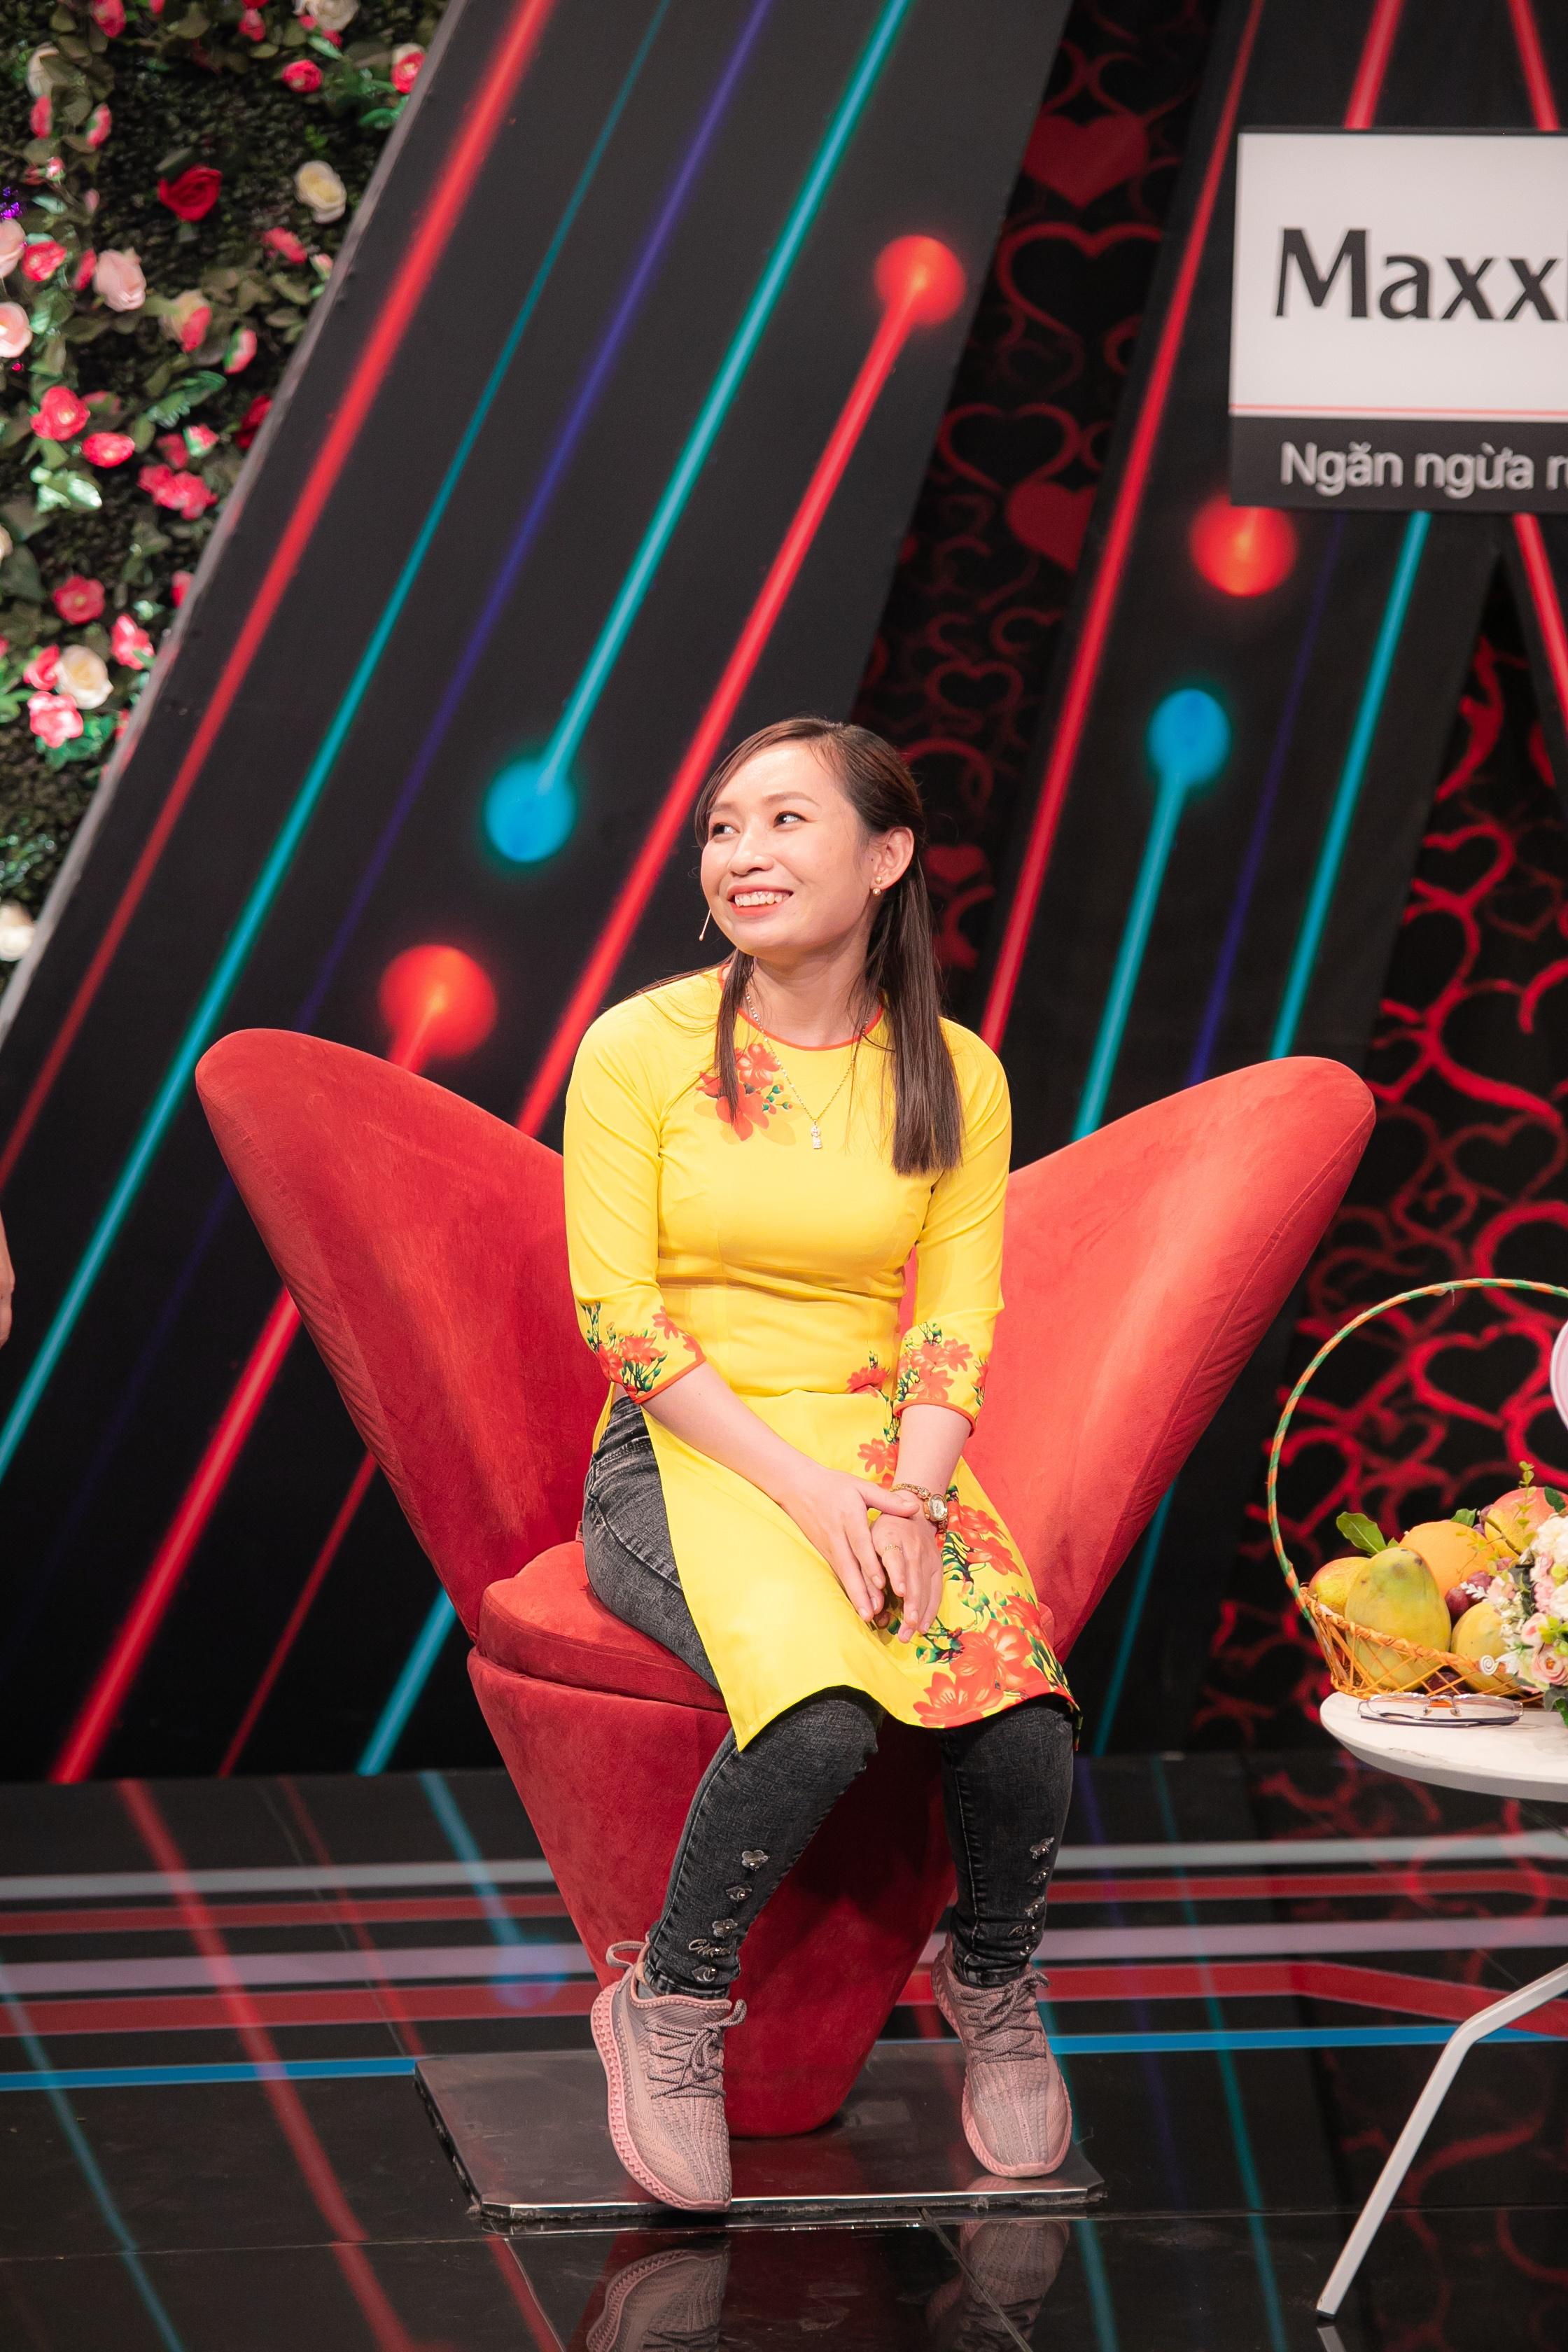 NSND Hồng Vân đại diện xem mắt đàng trai cho nữ công nhân một mình đi hẹn hò